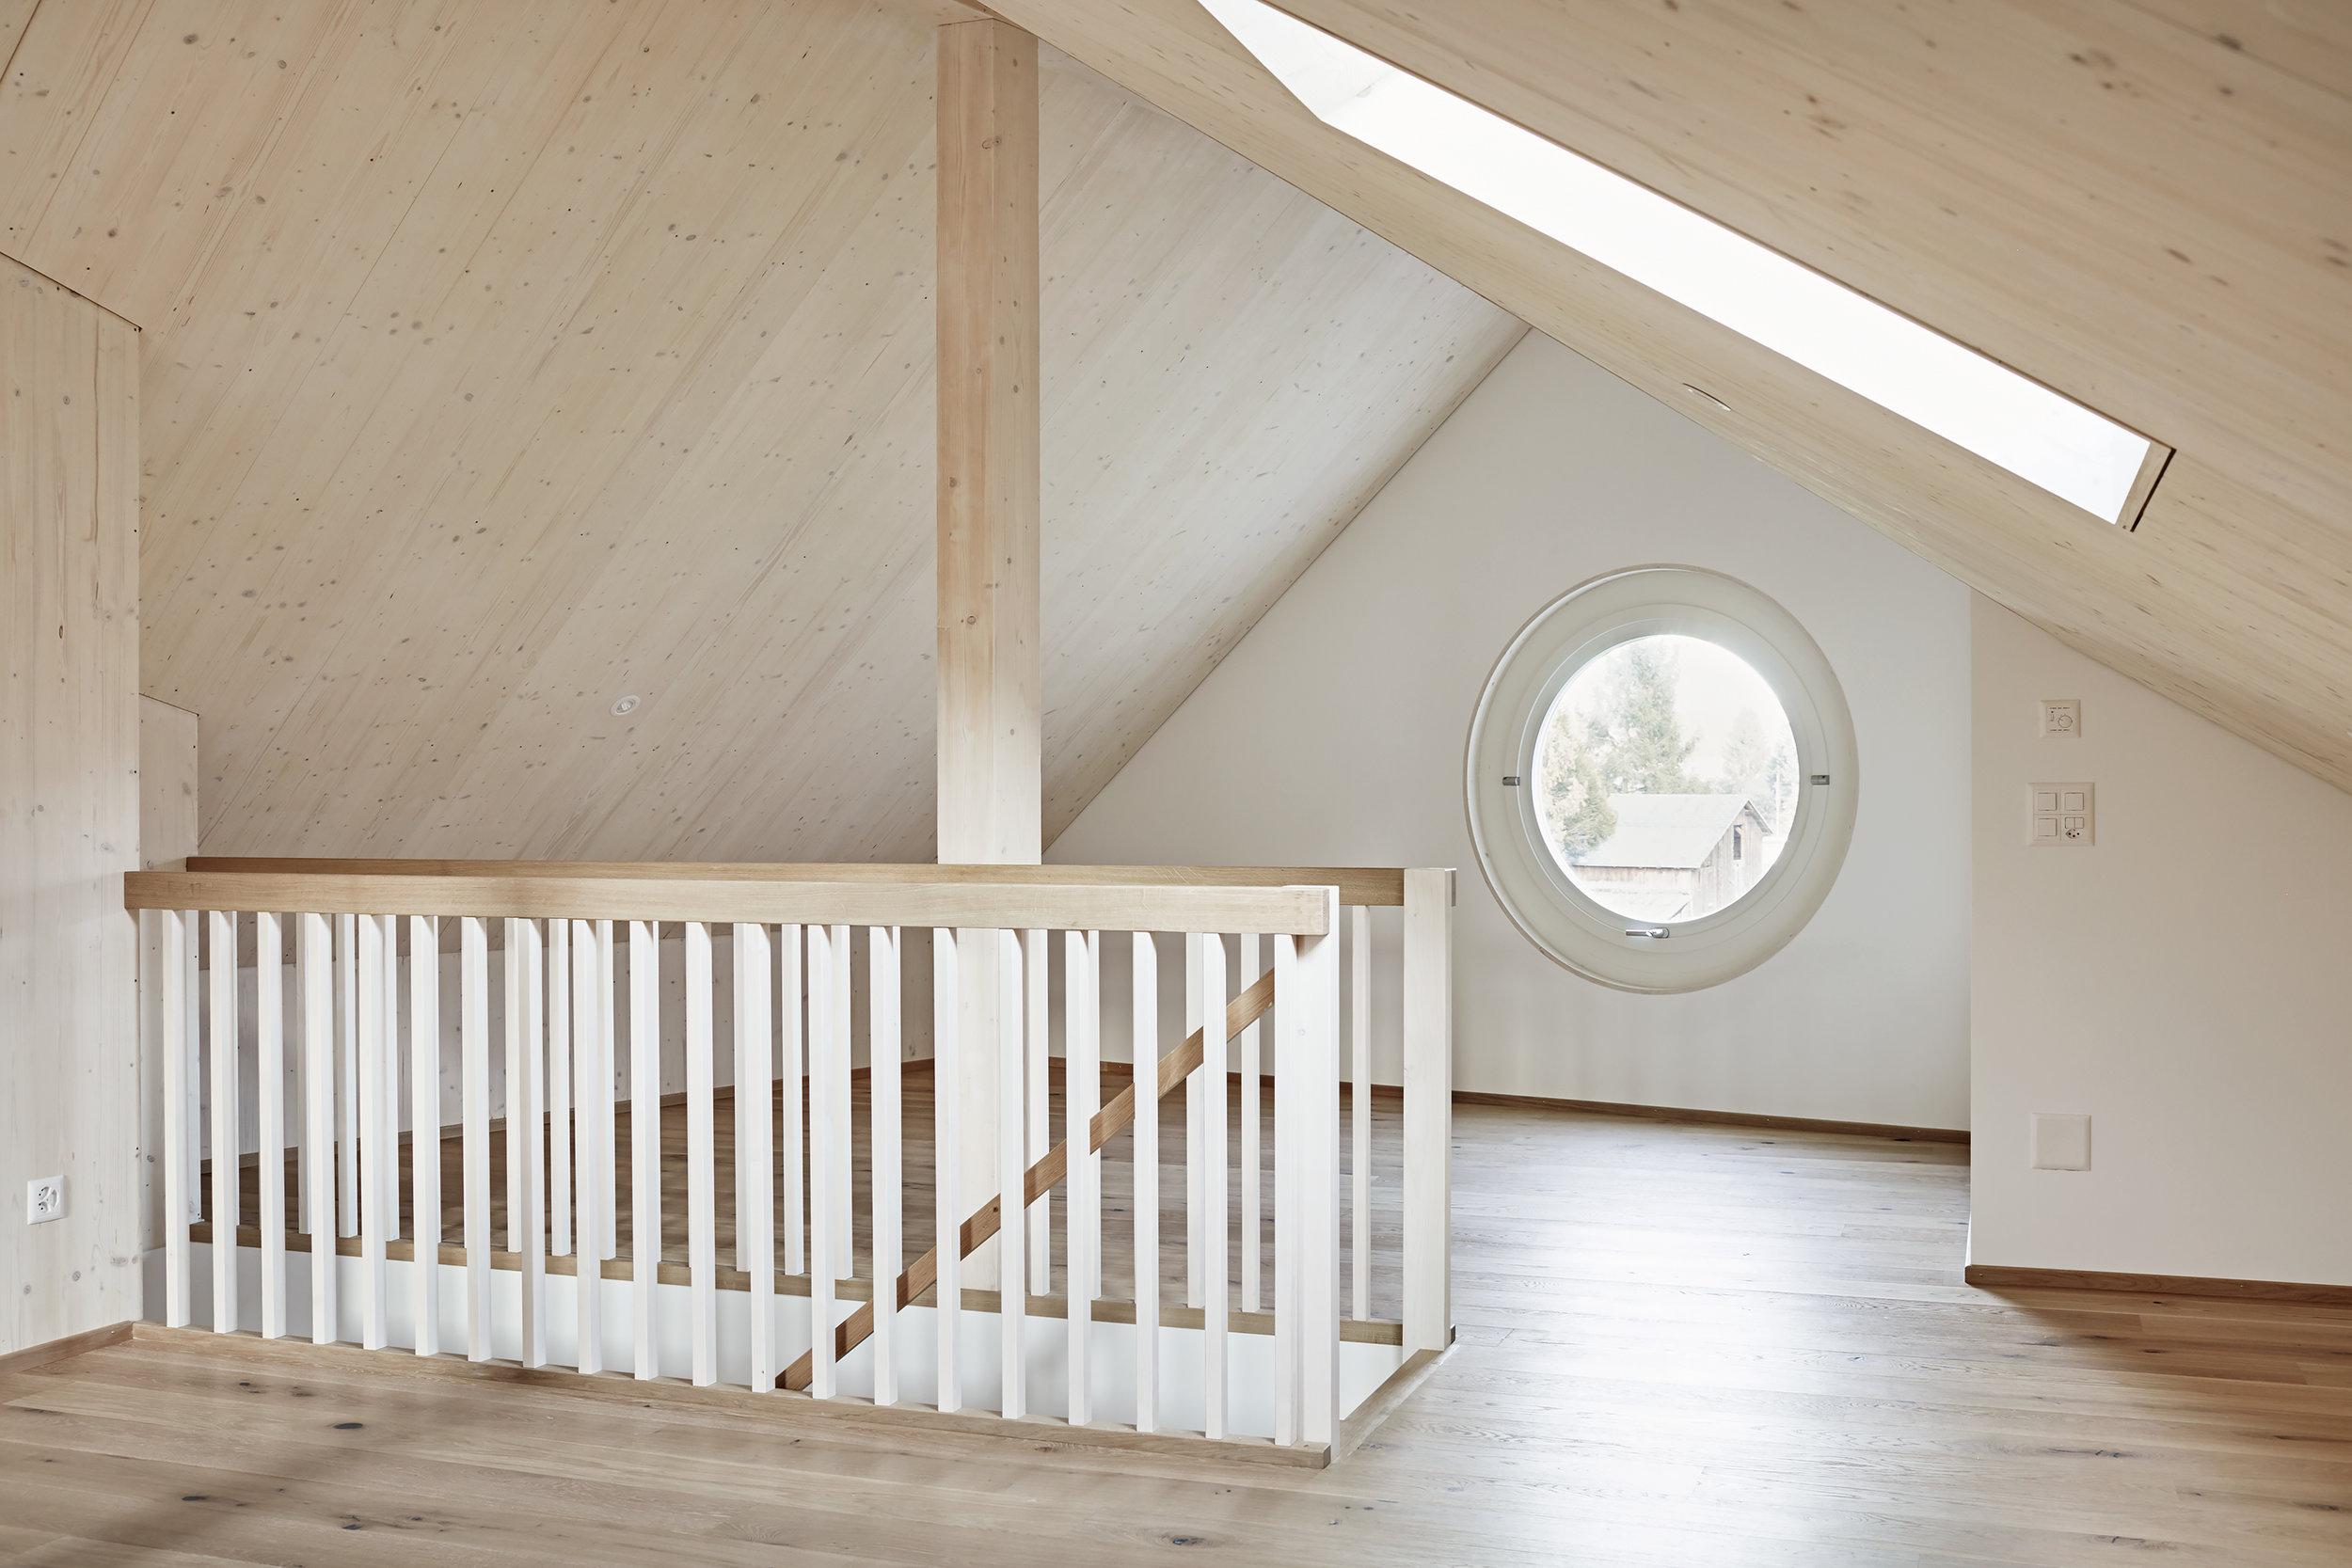 Einfamilienhaus in Näfelsauf Archello publiziert - Das Anfang Jahr fertiggestellte EFH in Näfels wird auf Archello.com gezeigt. Hier gehts zur Publikation.